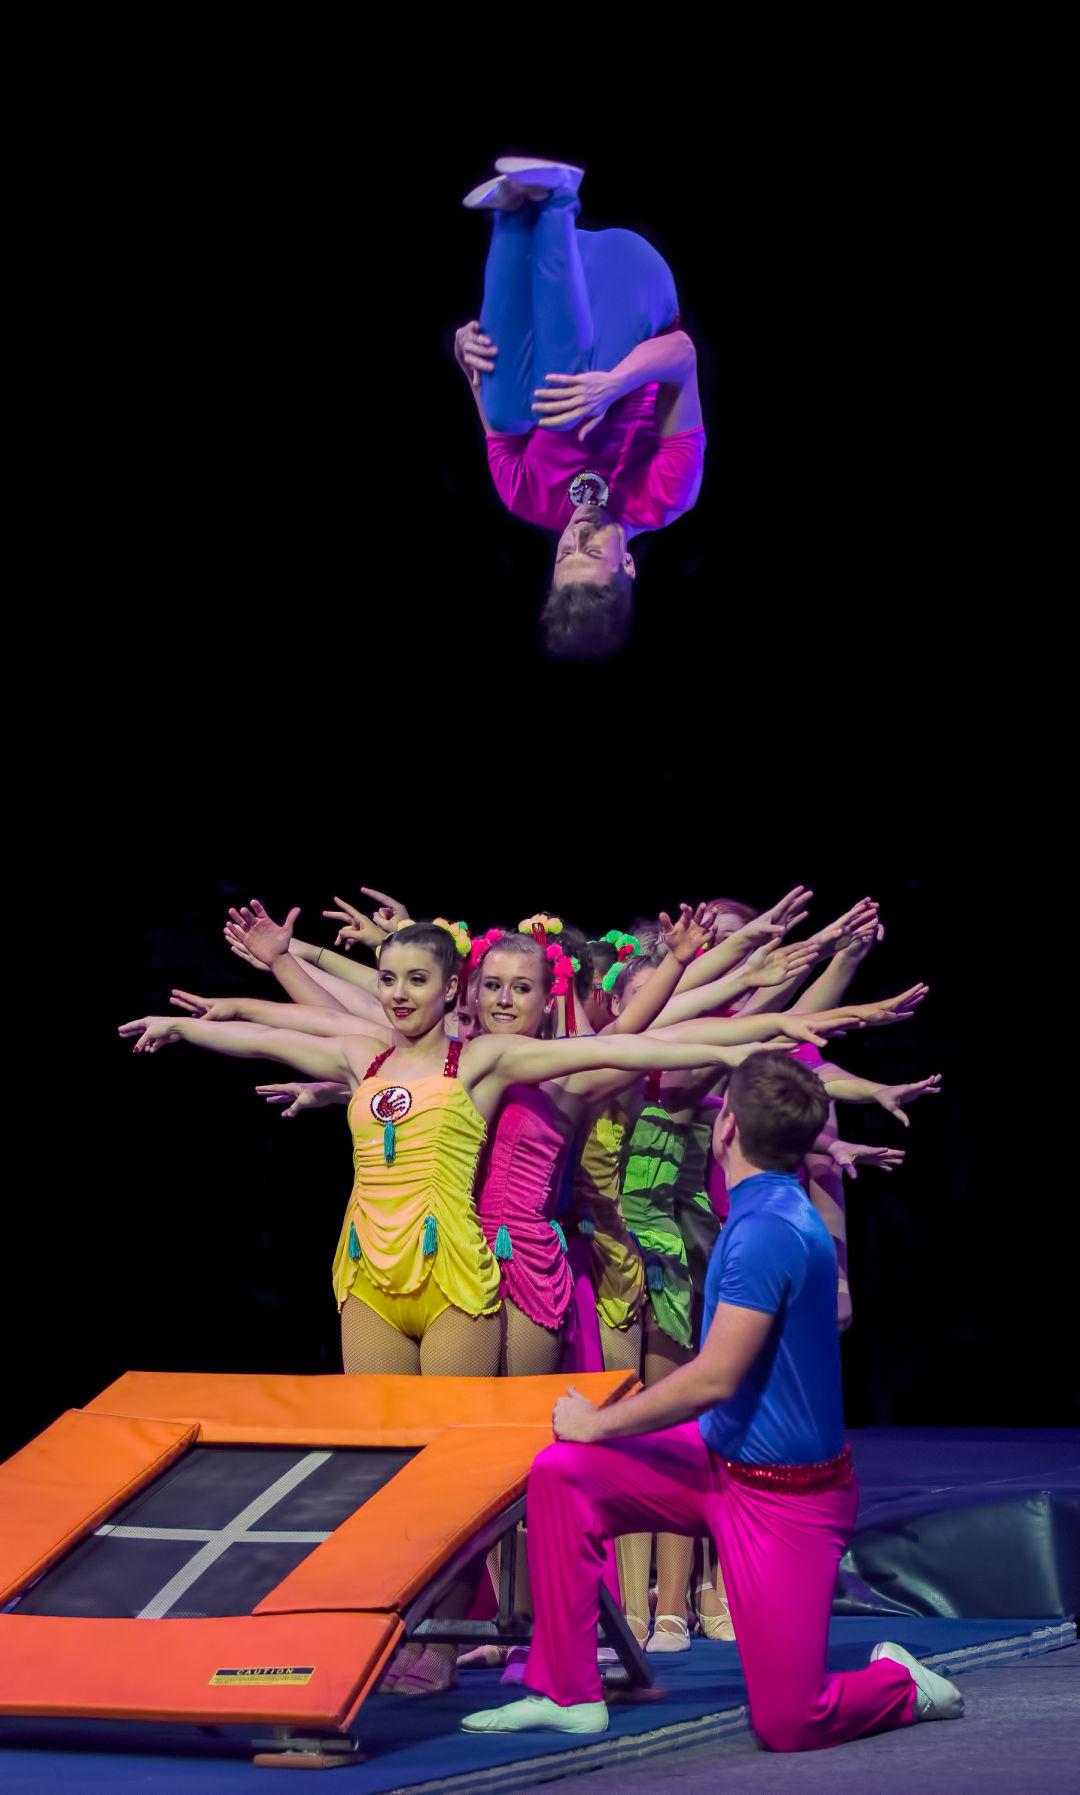 Sailor circus 2016 rickpurduephoto 6 uhtqu3